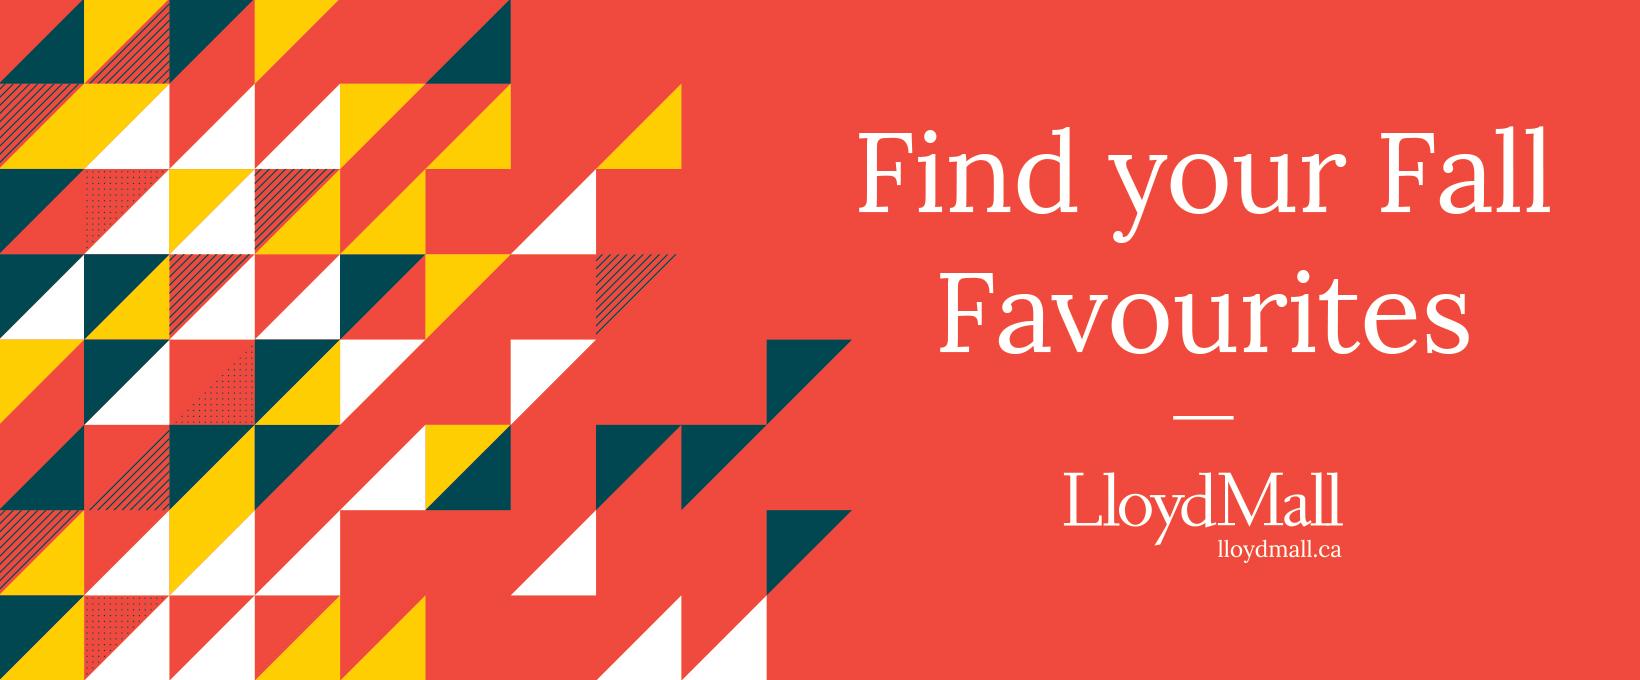 LloydMall_FallCampaign_FacebookCover.jpg